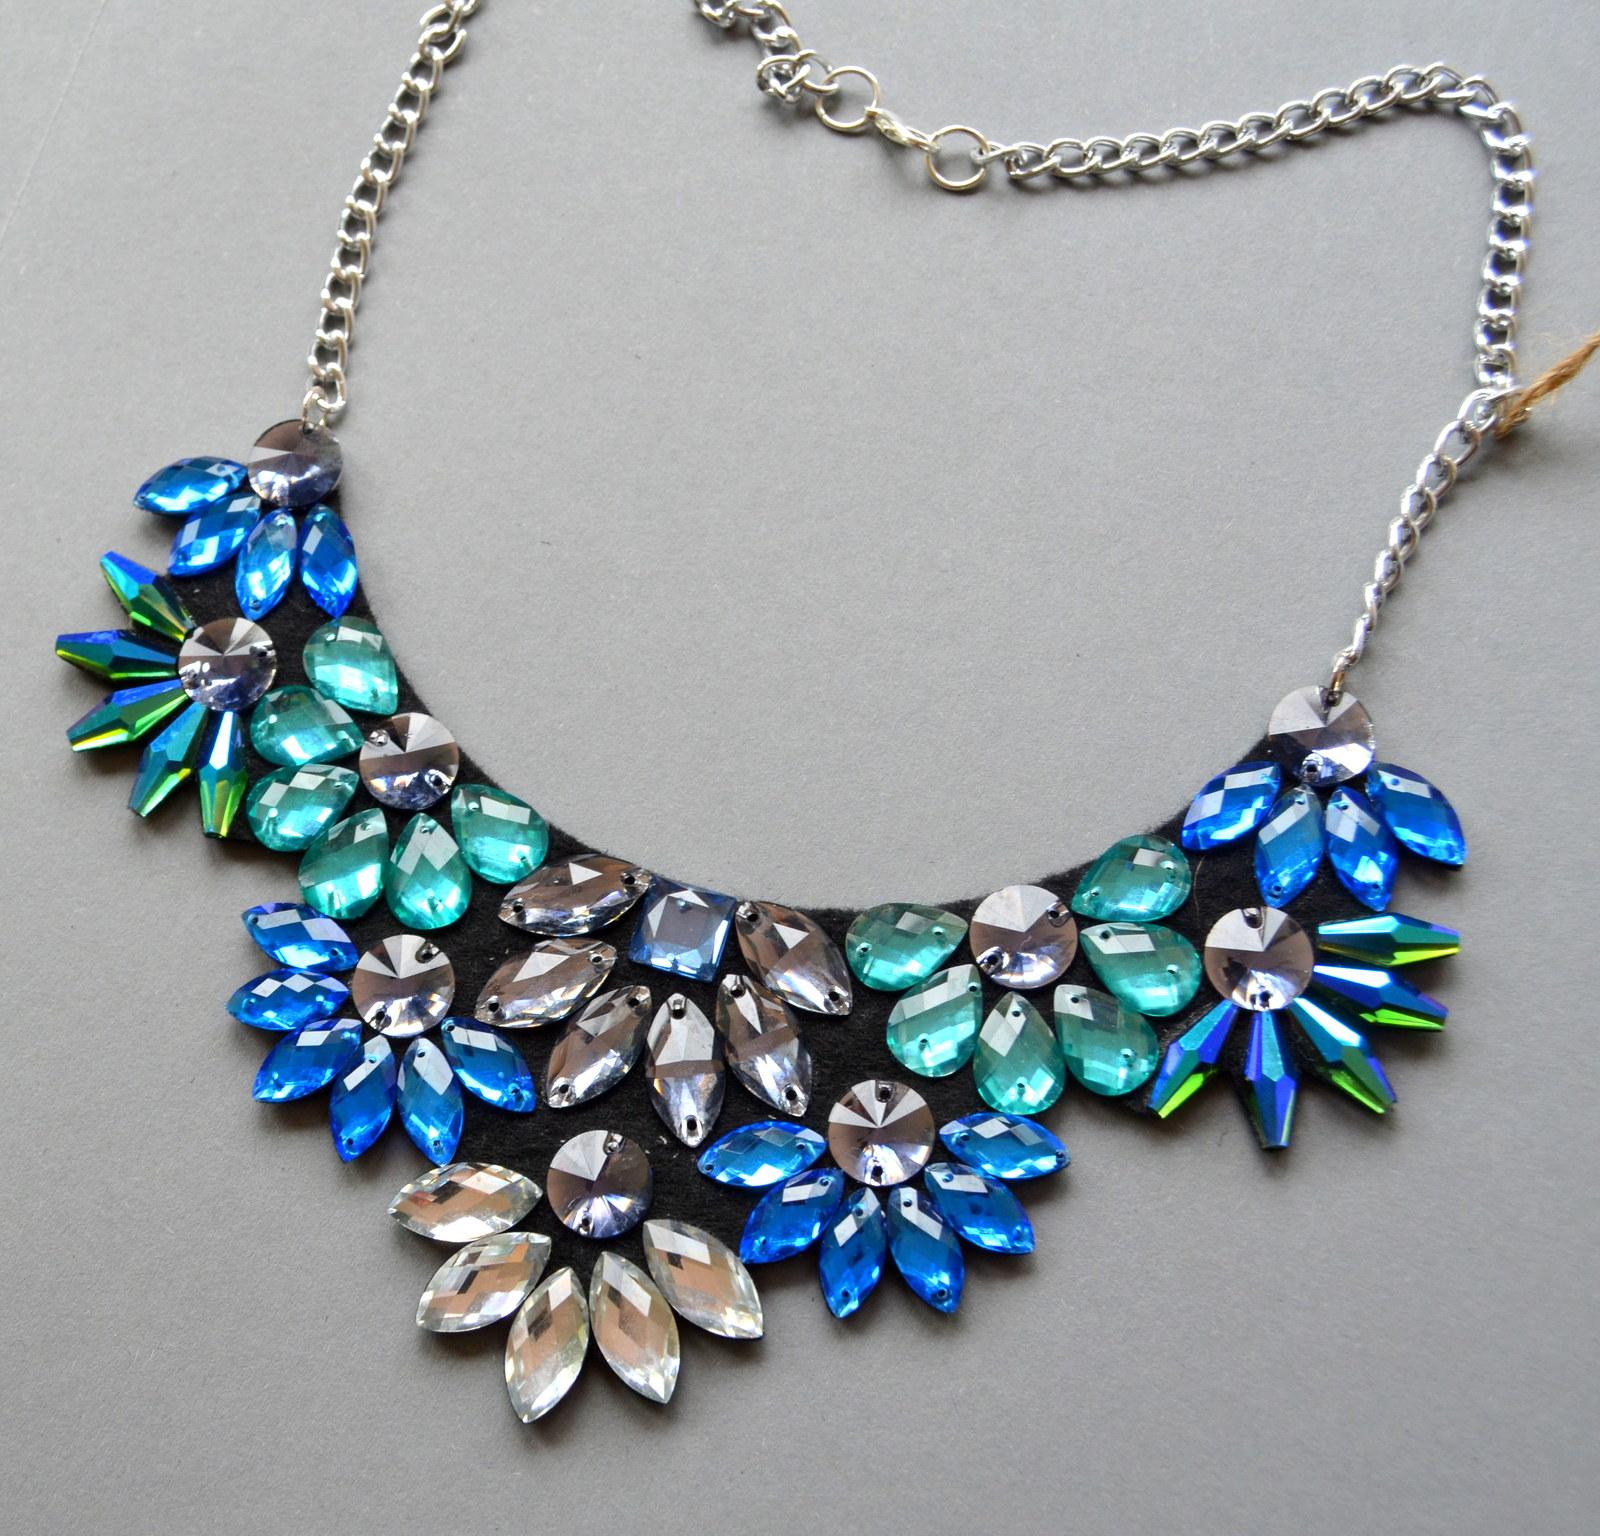 Květinový náhrdelník - modrý   Zboží prodejce GemsOver  cee5906c148